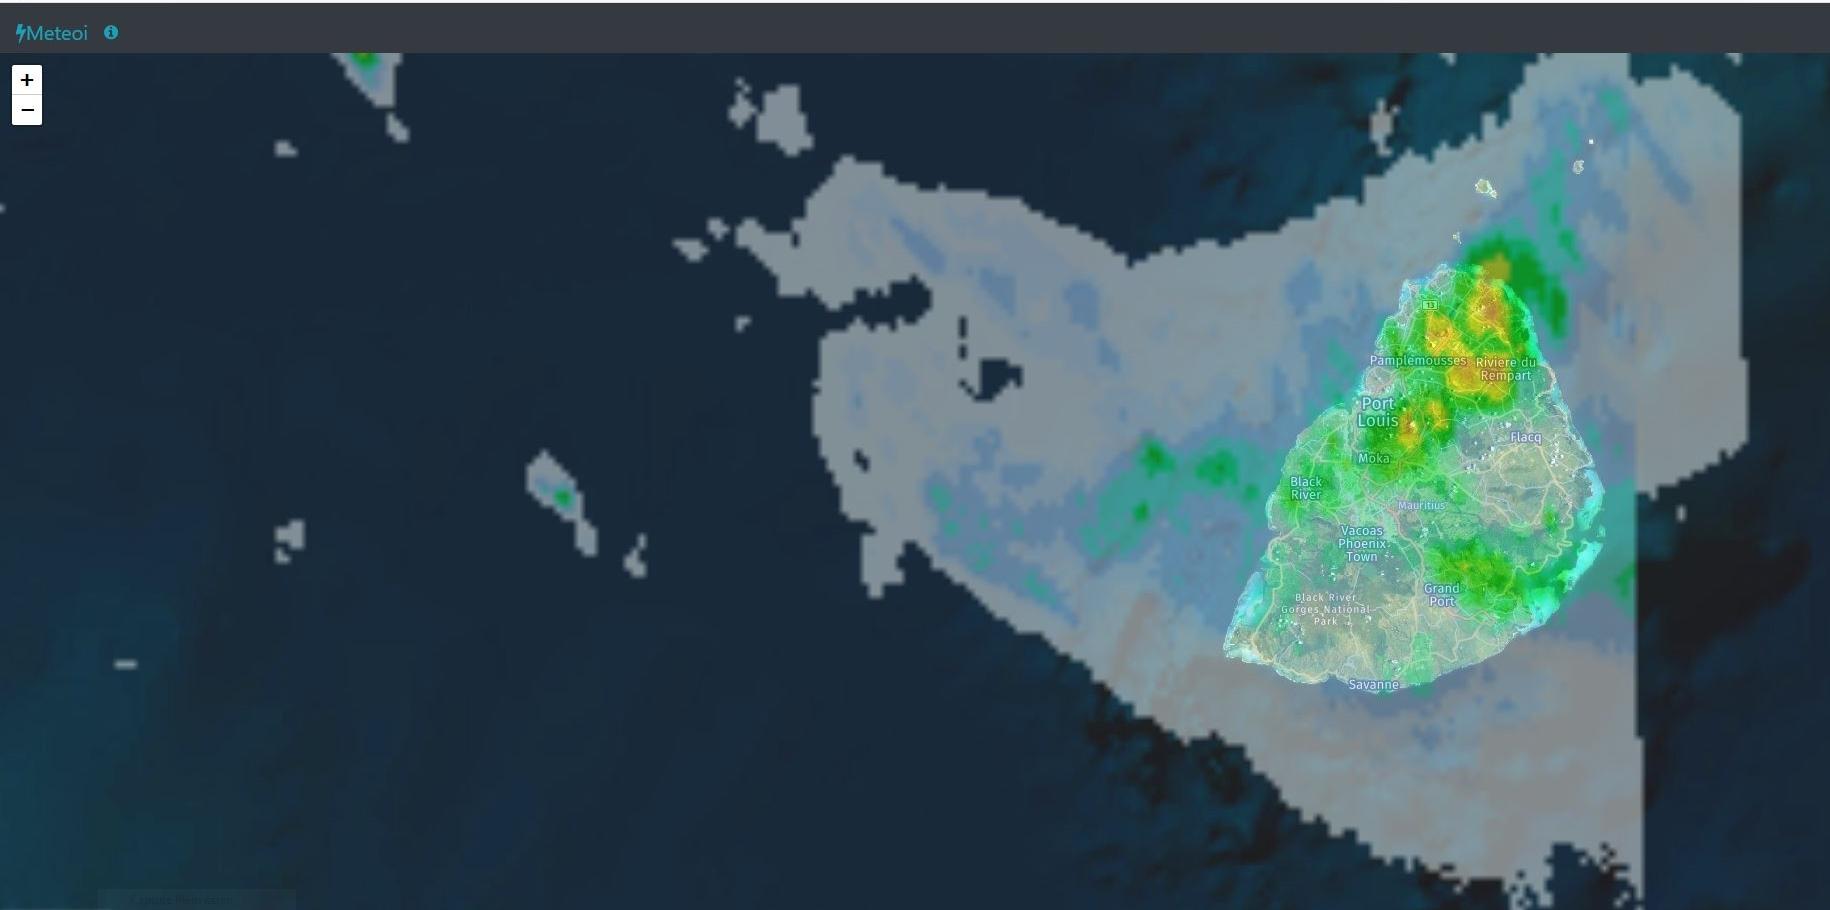 Radars Météo France Réunion à 13h59. https://www.meteoi.re